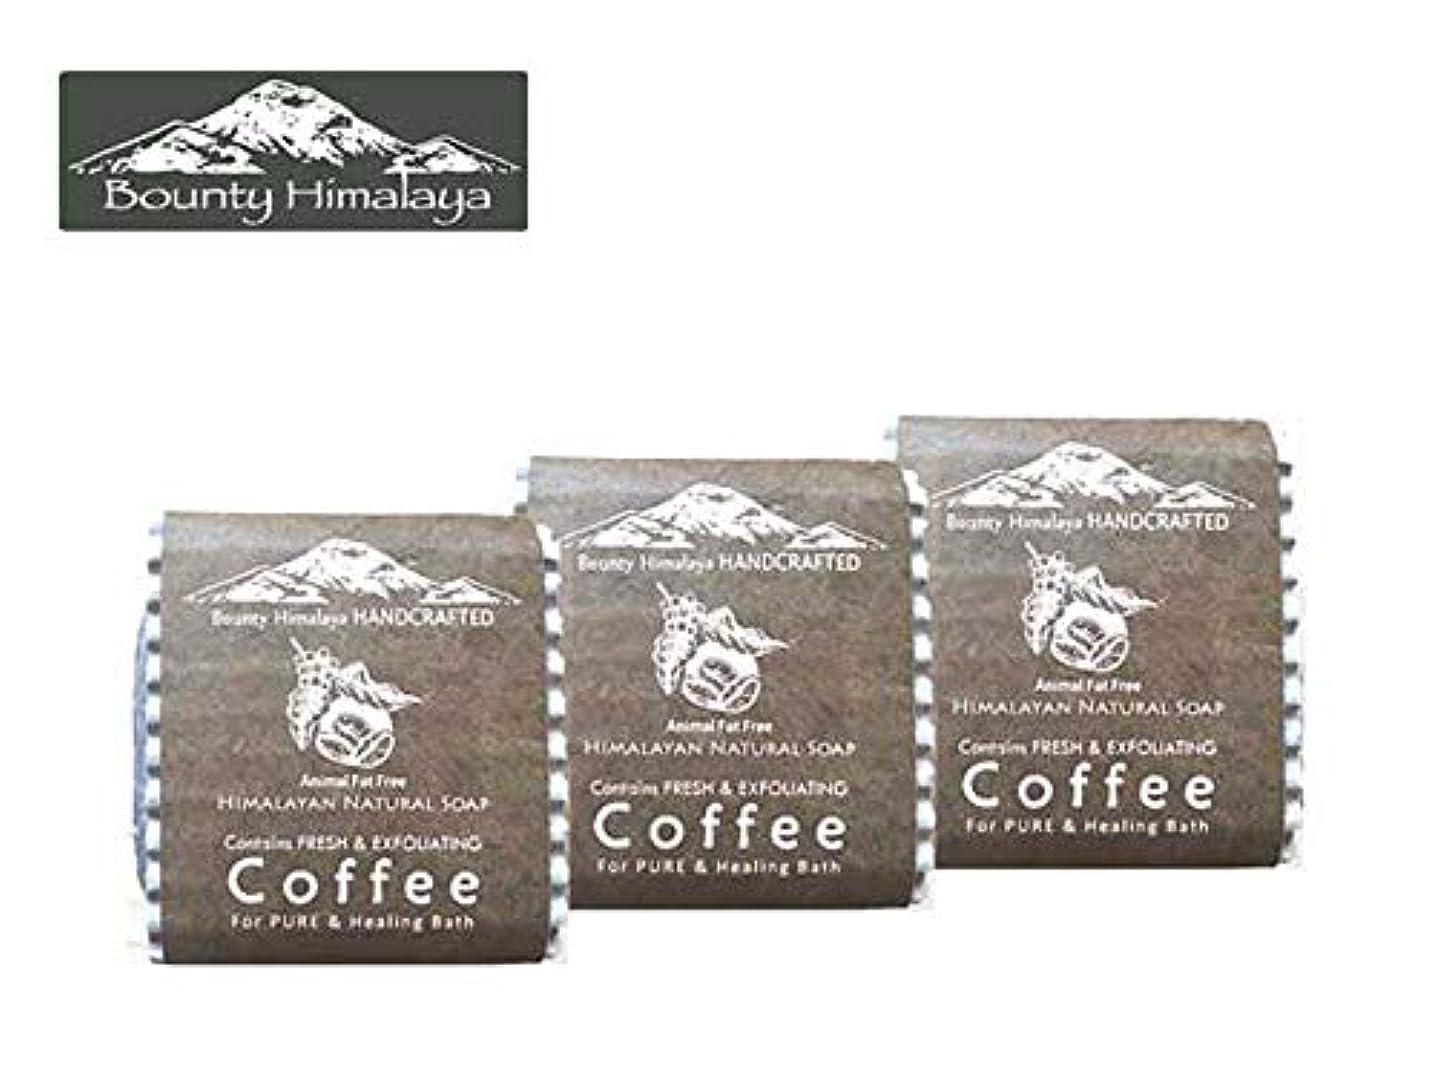 歴史アテンダント郵便局アーユルヴェーダ ヒマラヤ コーヒー ソープ3セット Bounty Himalaya Coffee SOAP(NEPAL AYURVEDA) 100g